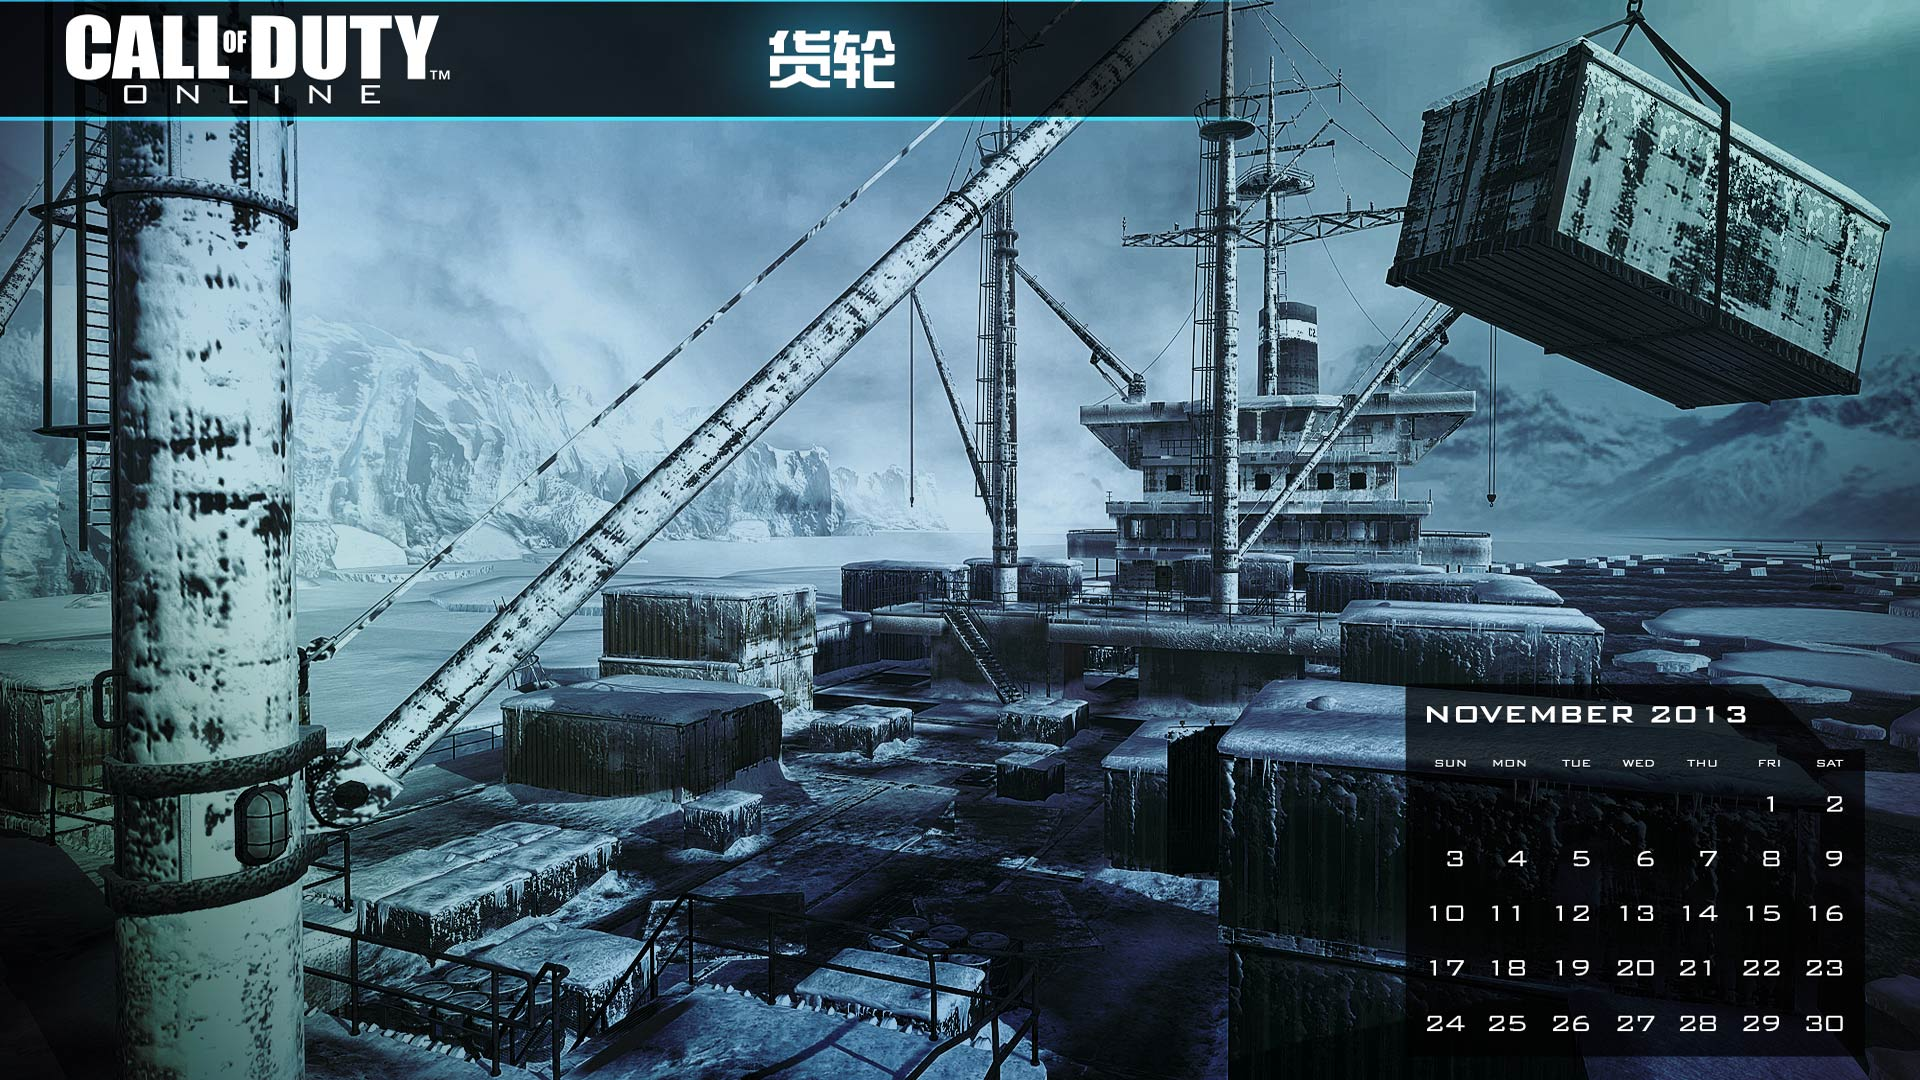 《使命召唤ol》十一月壁纸更新 冰雪货轮